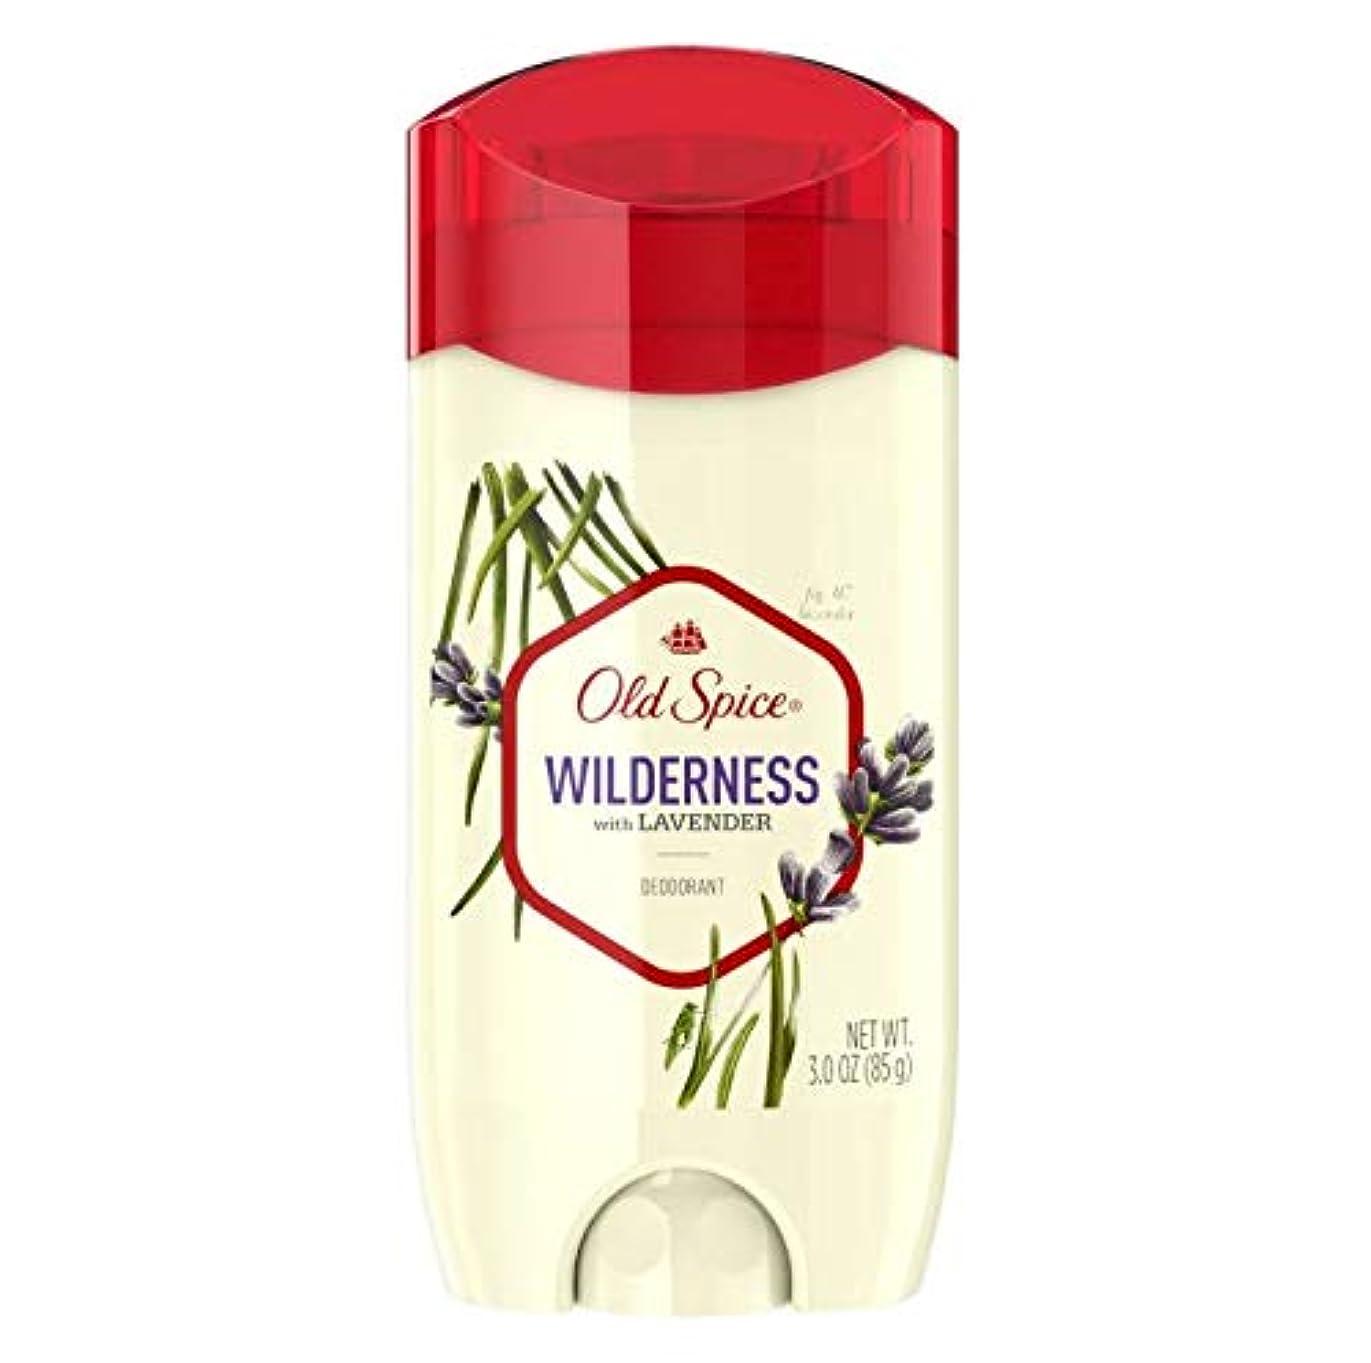 混合紛争縁石Old Spice Fresher Collection Wilderness Deodorant - 3.0oz オールドスパイス フレッシャー コレクション ワイルドネス デオドラント 85g [並行輸入品]